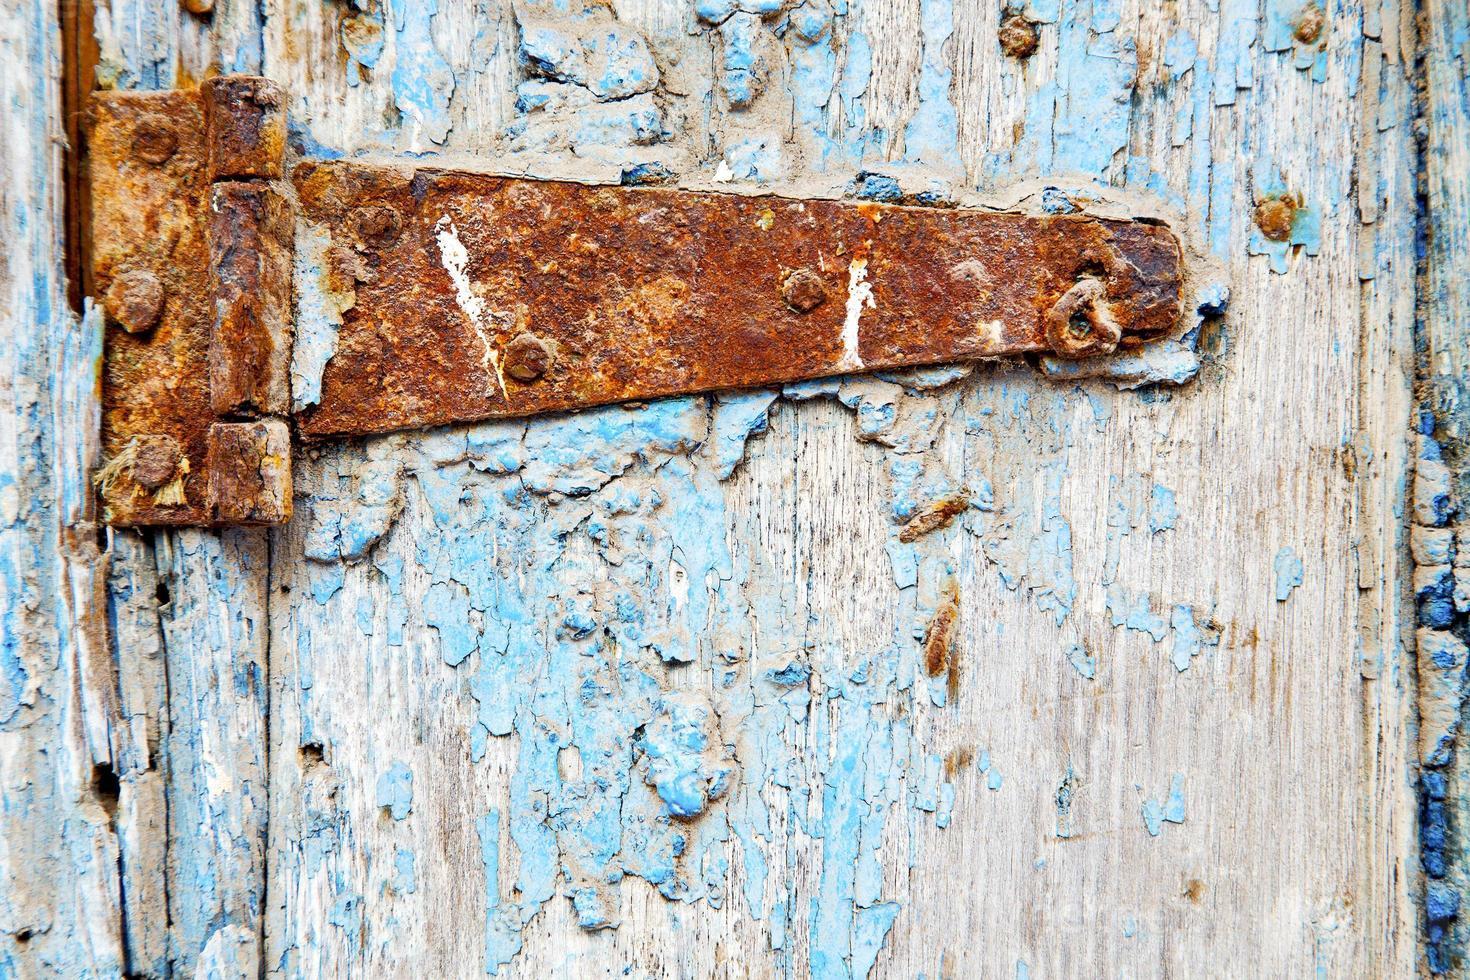 marocko i gammal träfasad hem och rostig säker hänglås foto